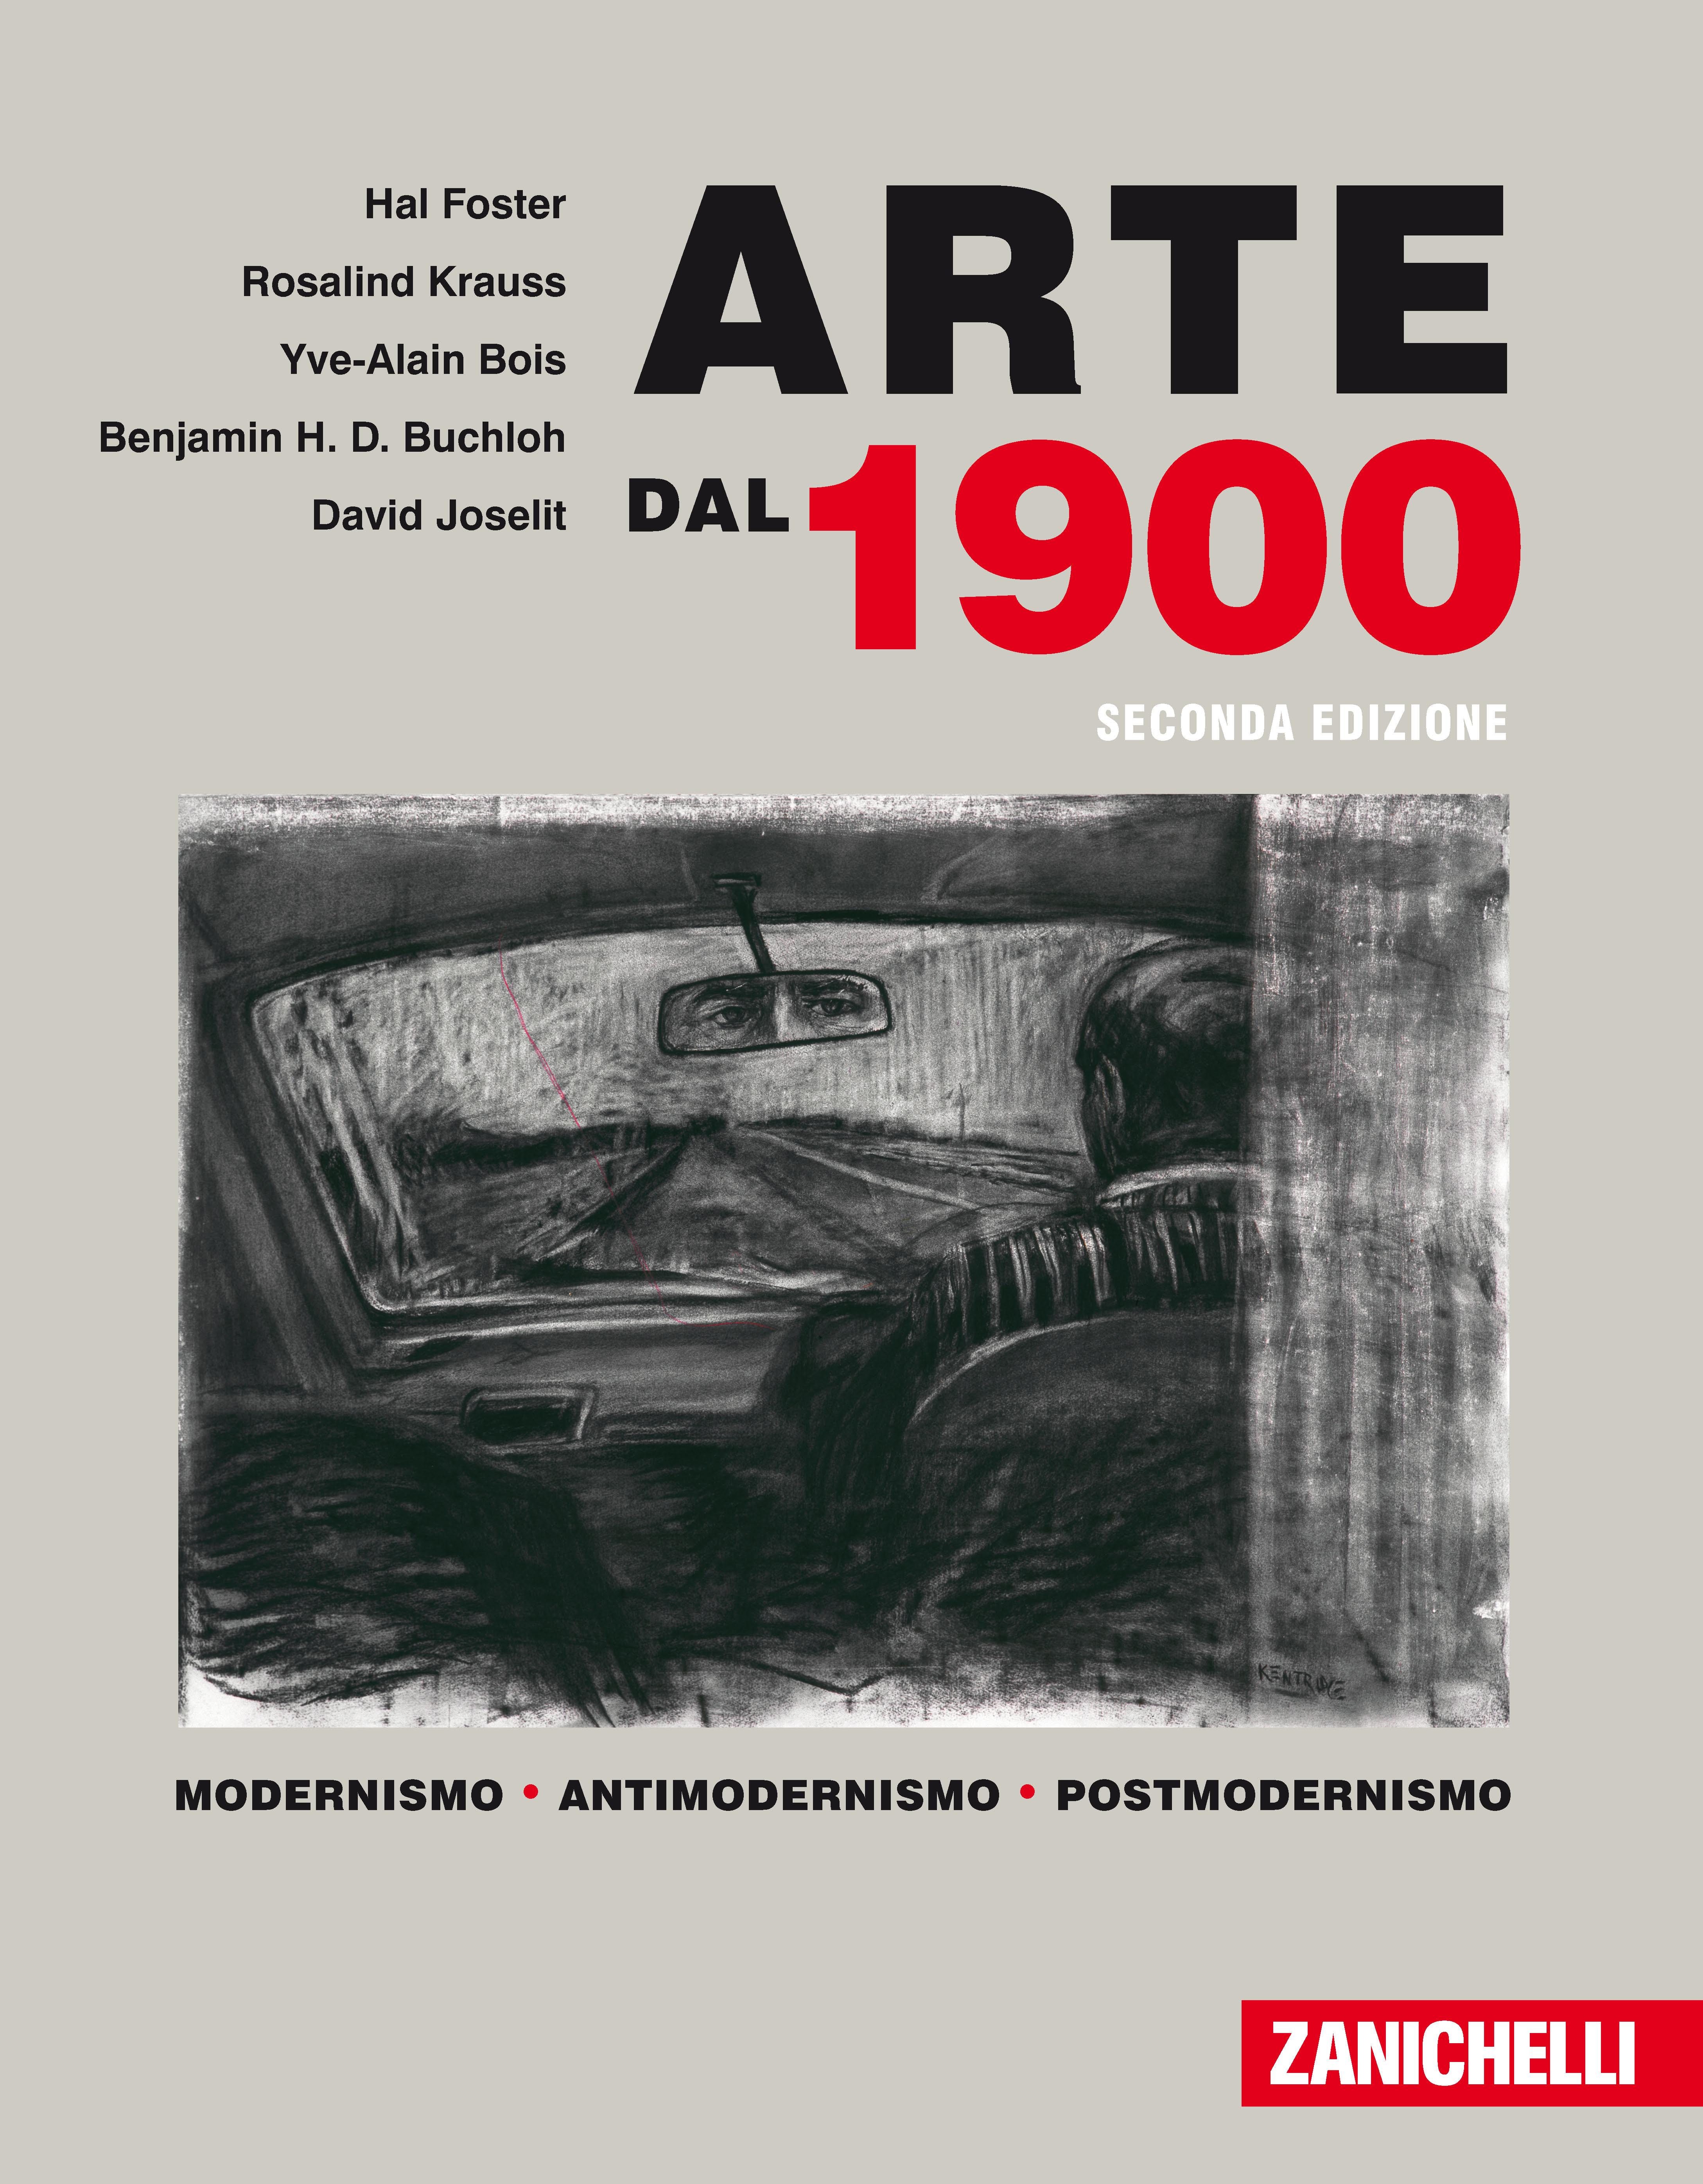 Hal Foster, Rosalind Krauss, Yve-Alain Bois, Benjamin H. D. Buchloh, David Joselit - Arte dal 1900